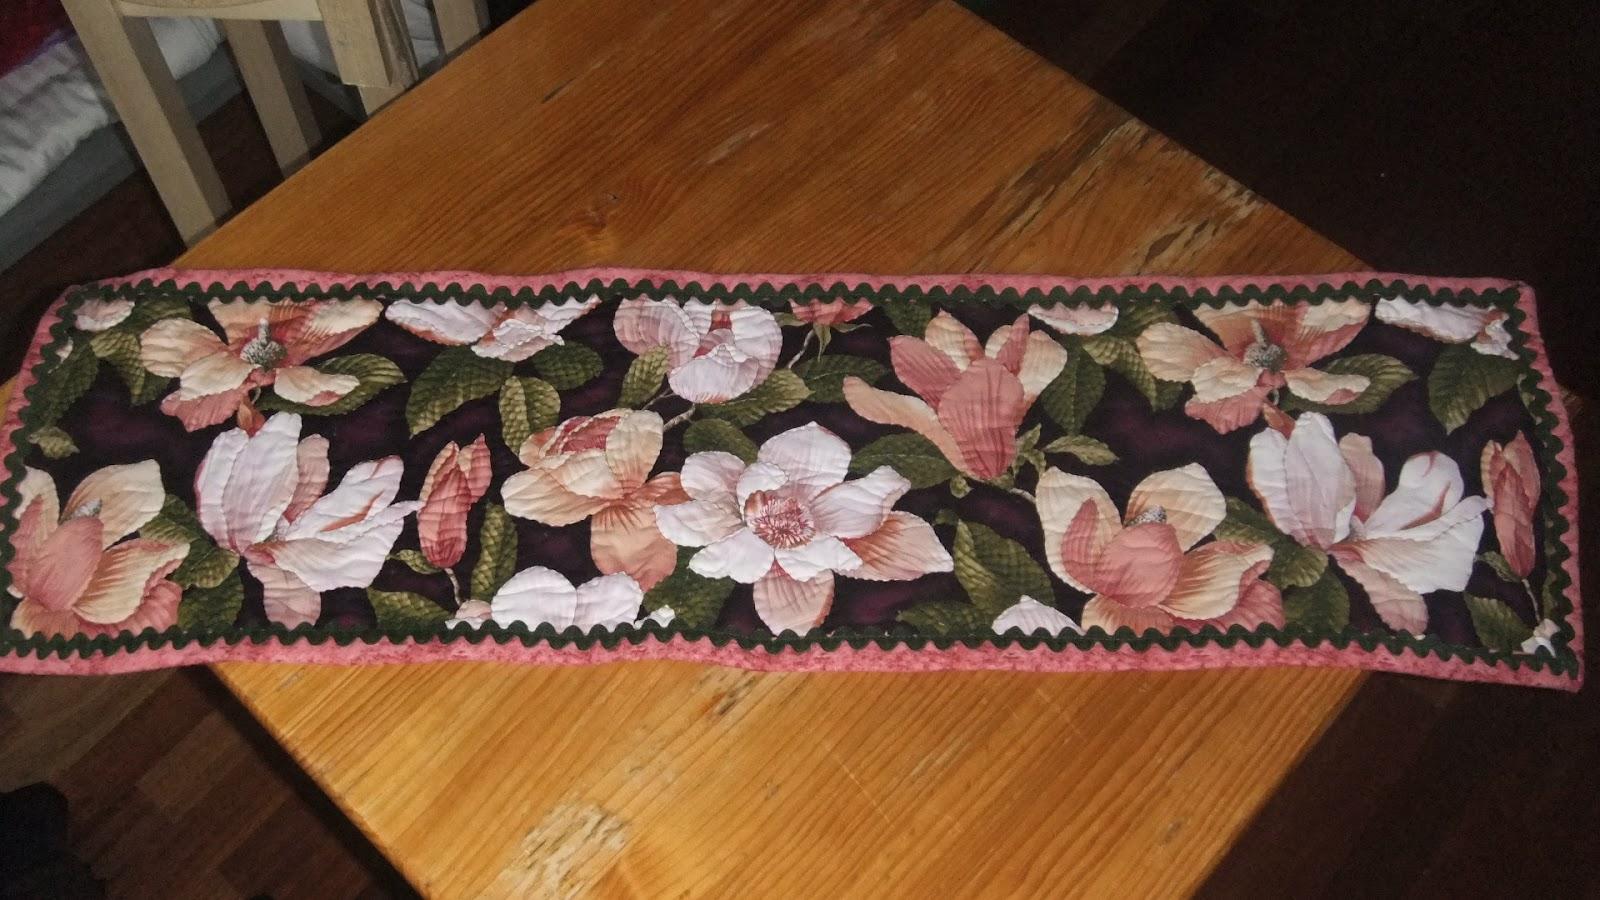 El patchwork de sary 6 camino de mesa - Camino mesa patchwork ...